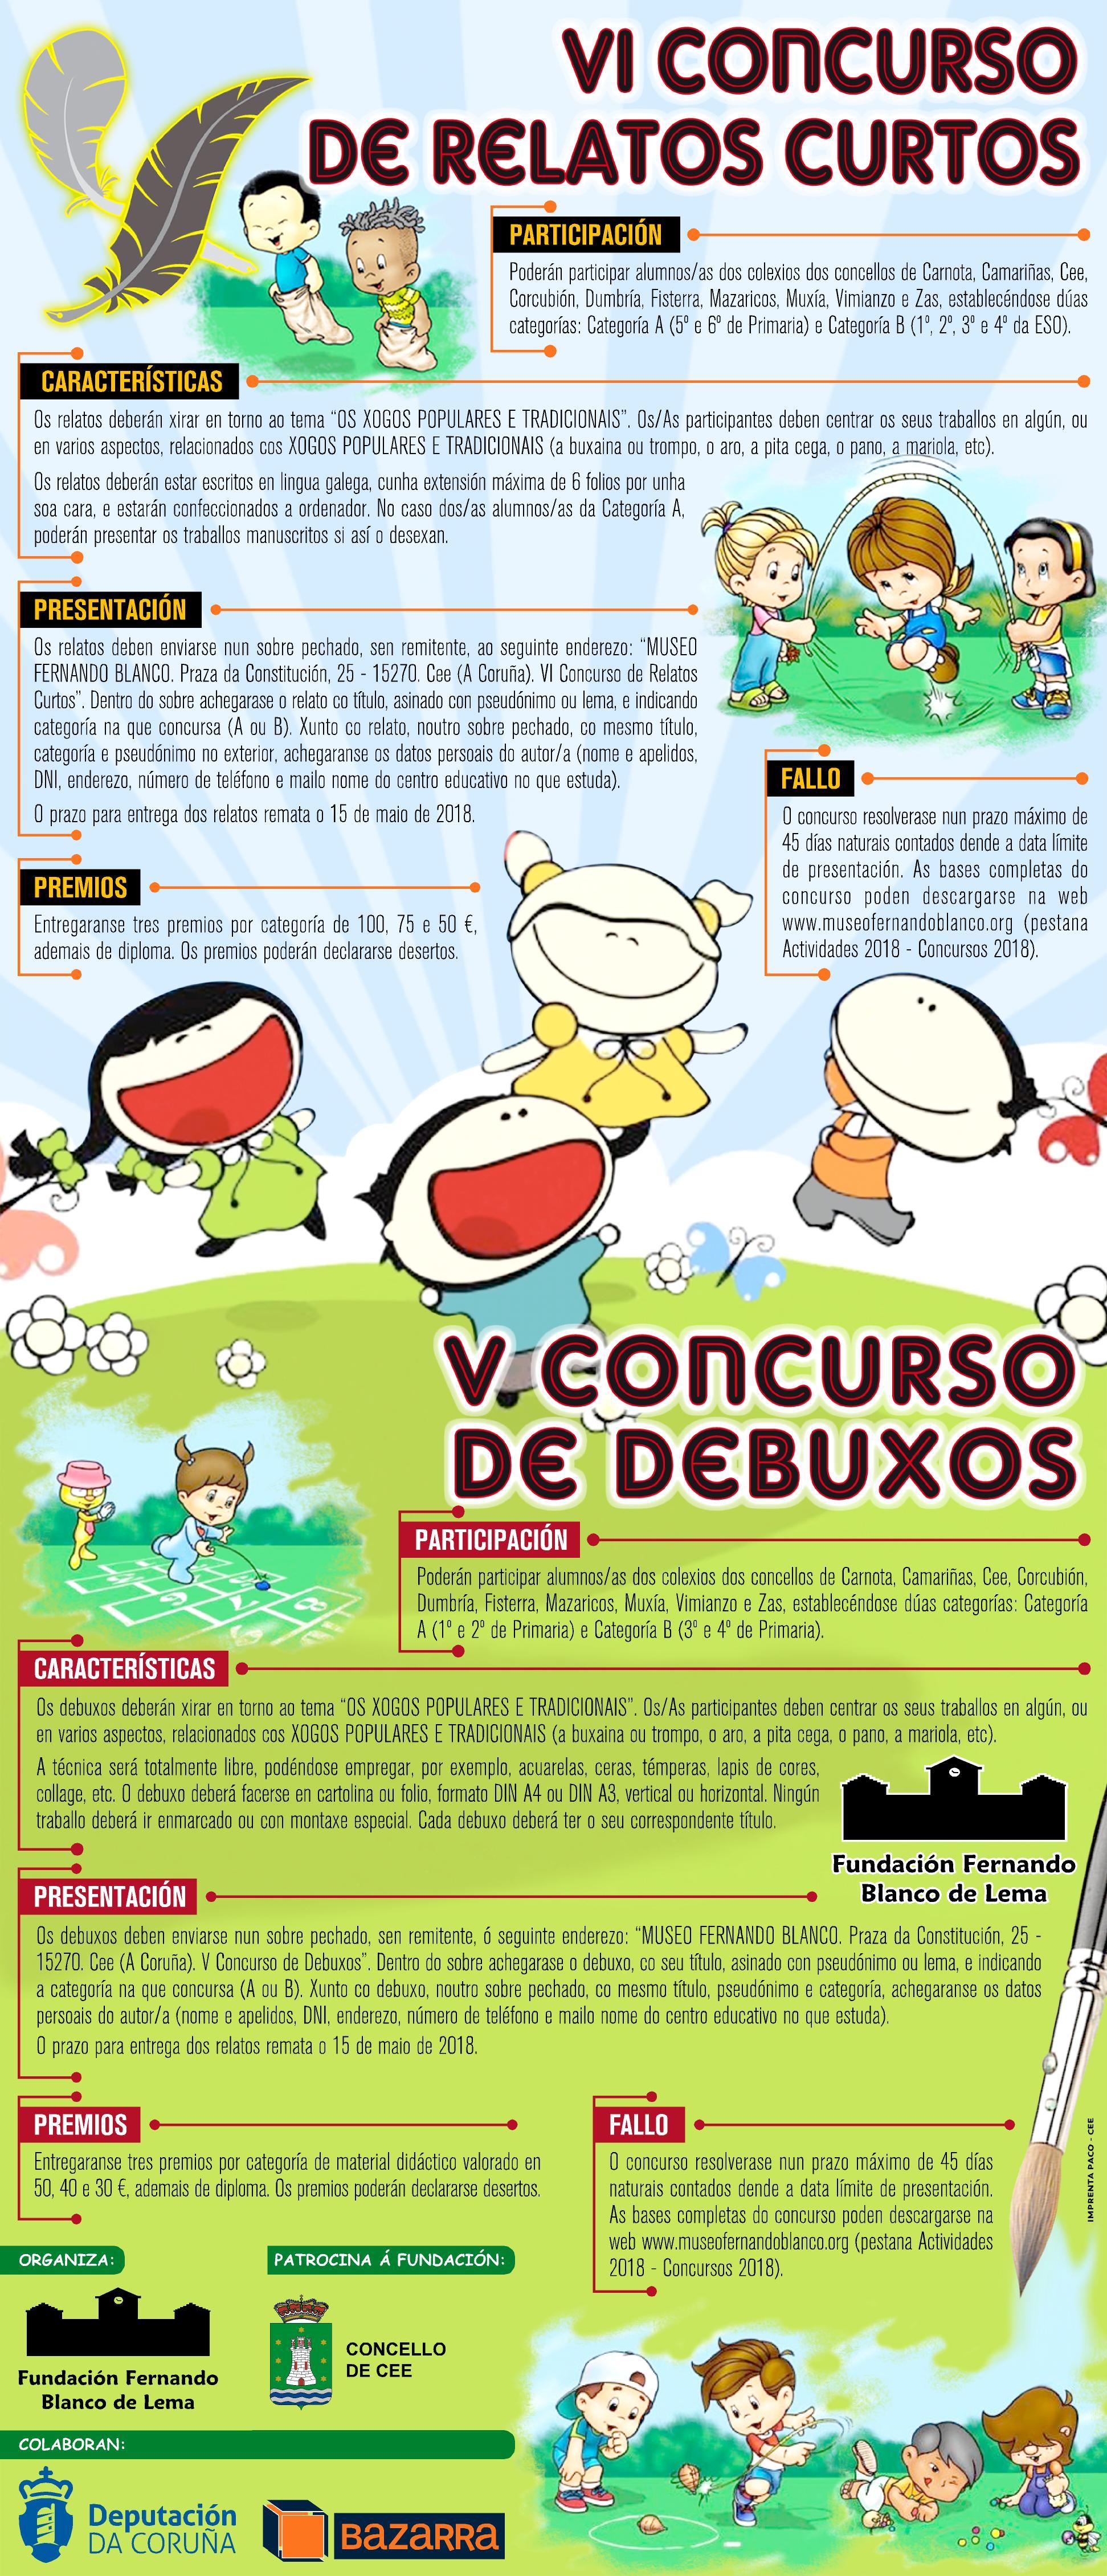 V CONCURSO DEBUXOS - VI CONCURSO RELATOS